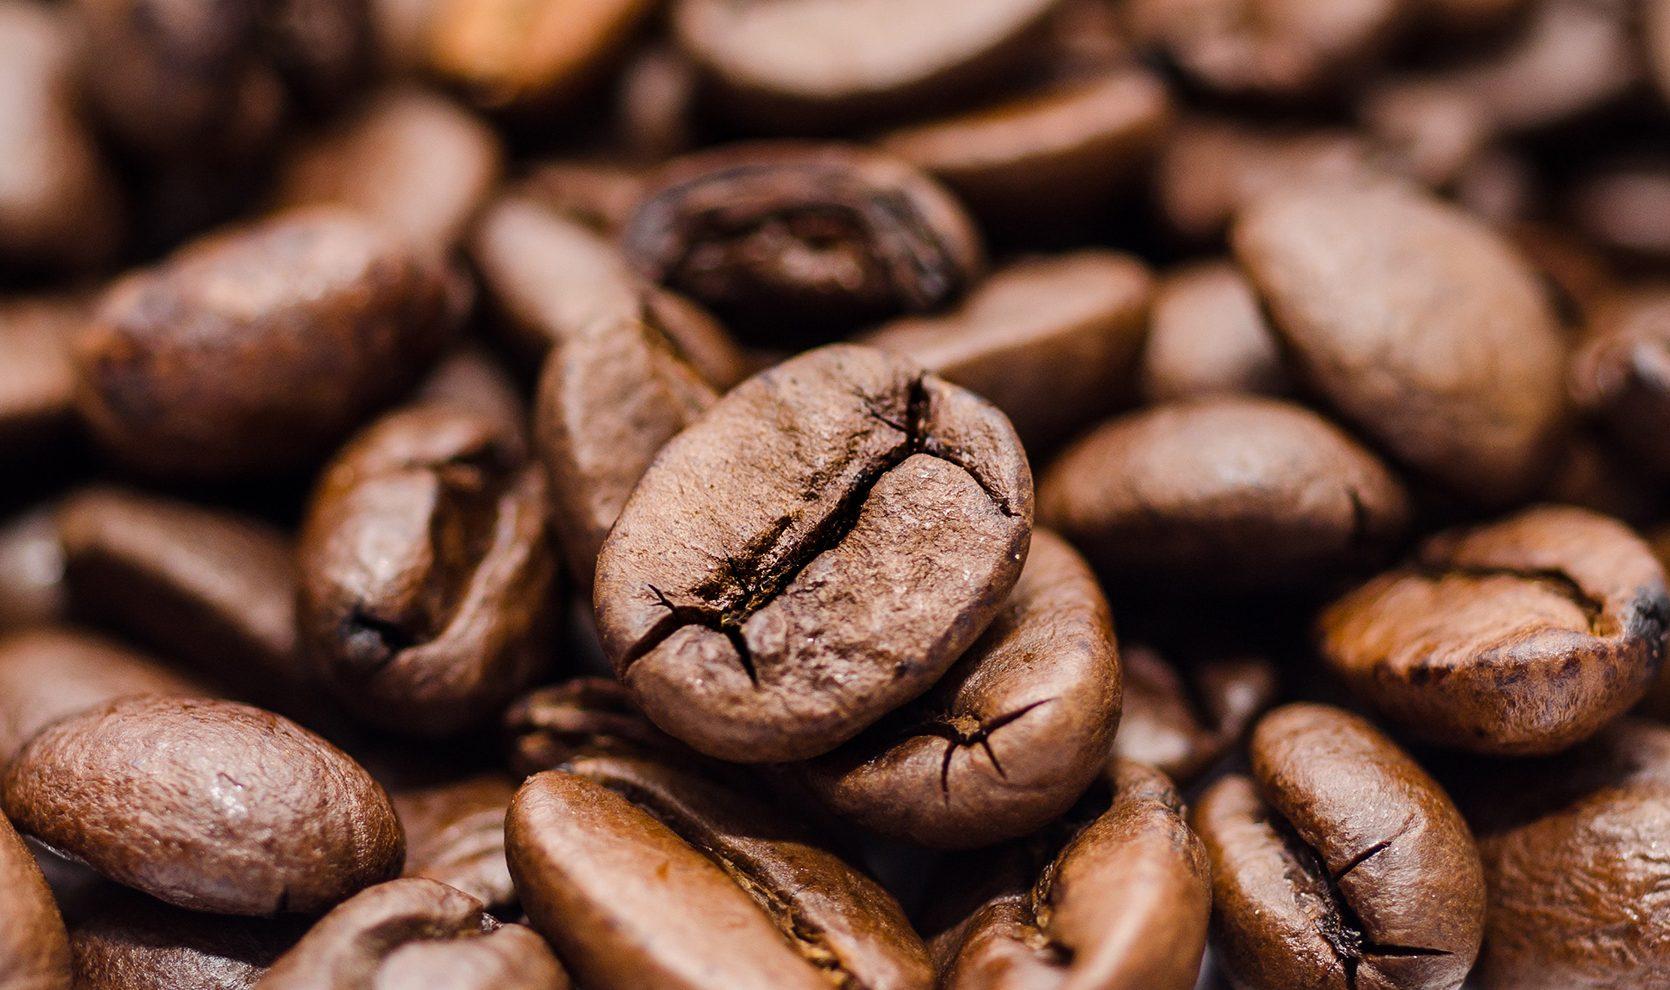 http://redstrandcoffee.com/wp-content/uploads/2019/04/beans-brown-coffee-9186-e1574176203543.jpg